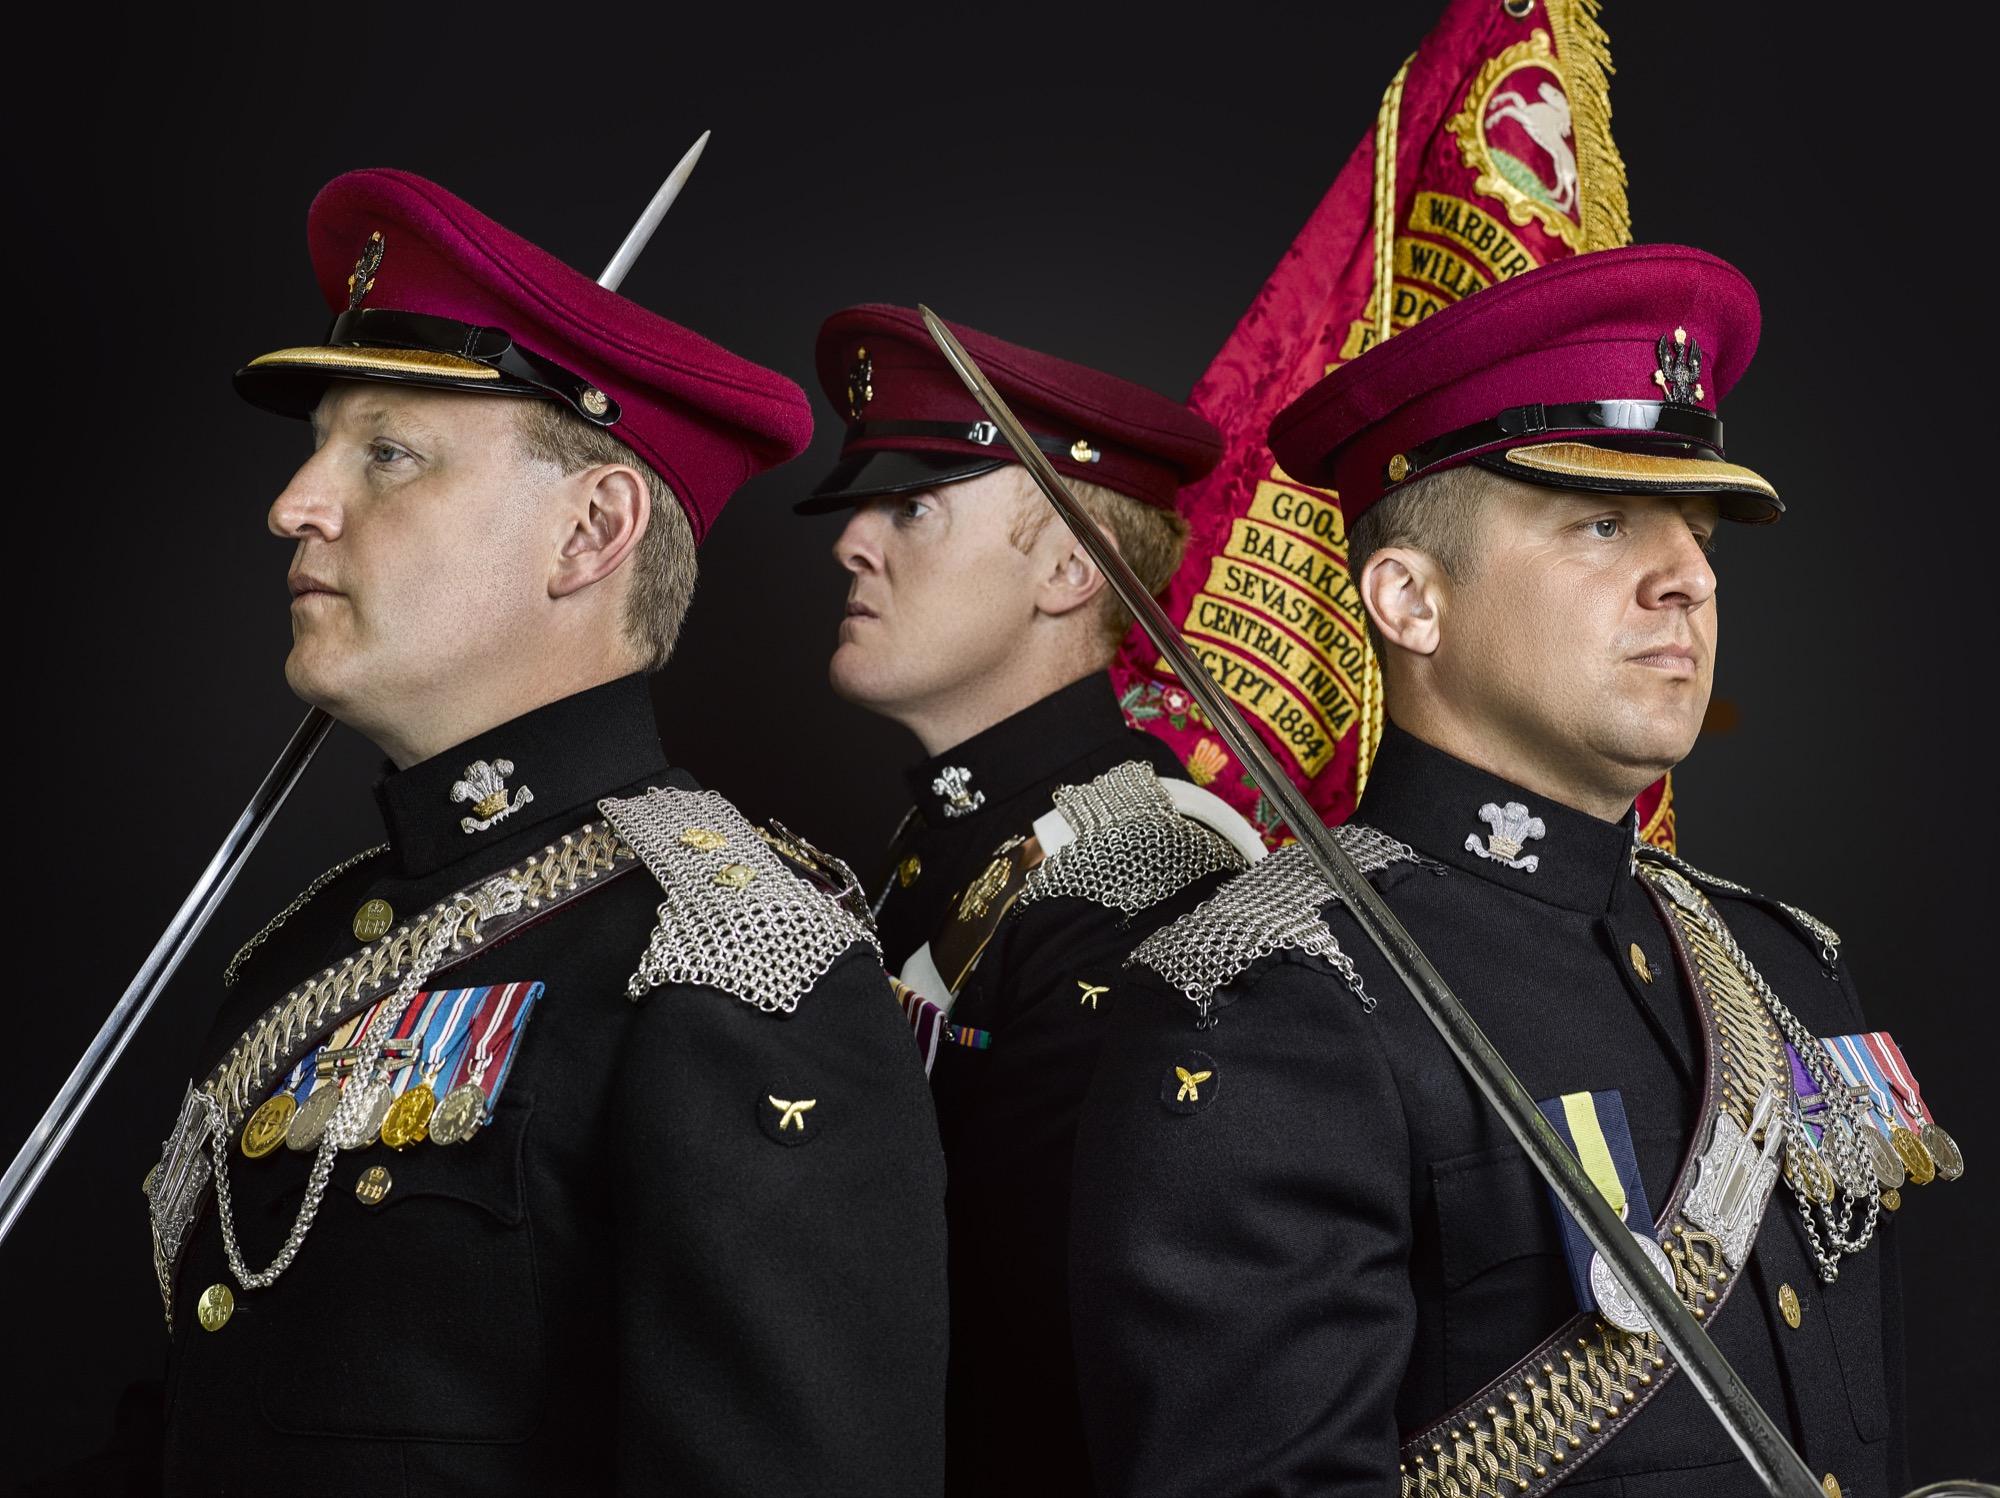 Lieutenant Colonel Porter Commanding Officer Warrant Officer Class 2 Regimental Quarter Master Sergeant Major Baines Warrant Officer 1 Regimental Sergeant Major Ashton The King's Royal Hussars.jpg